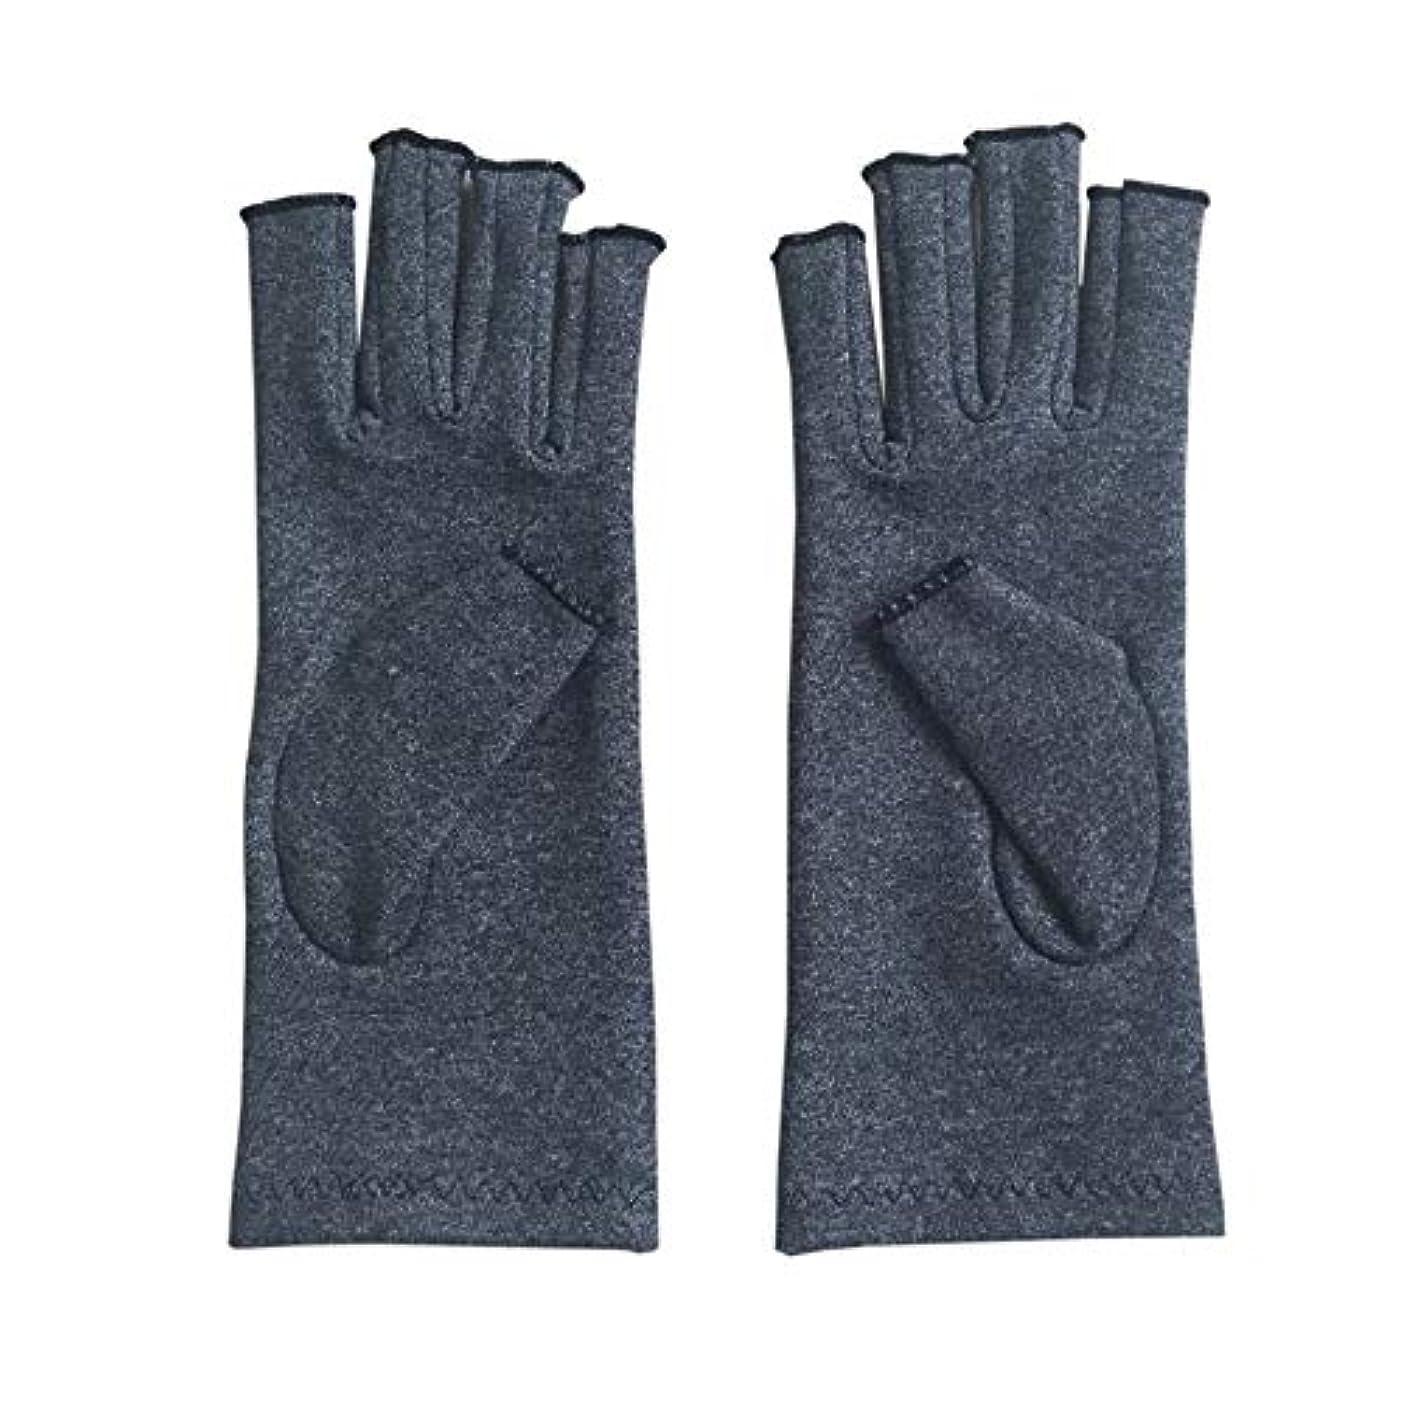 ヨーロッパサーフィンボトルネックペア/セット快適な男性女性療法圧縮手袋無地通気性関節炎関節痛緩和手袋 - グレーM